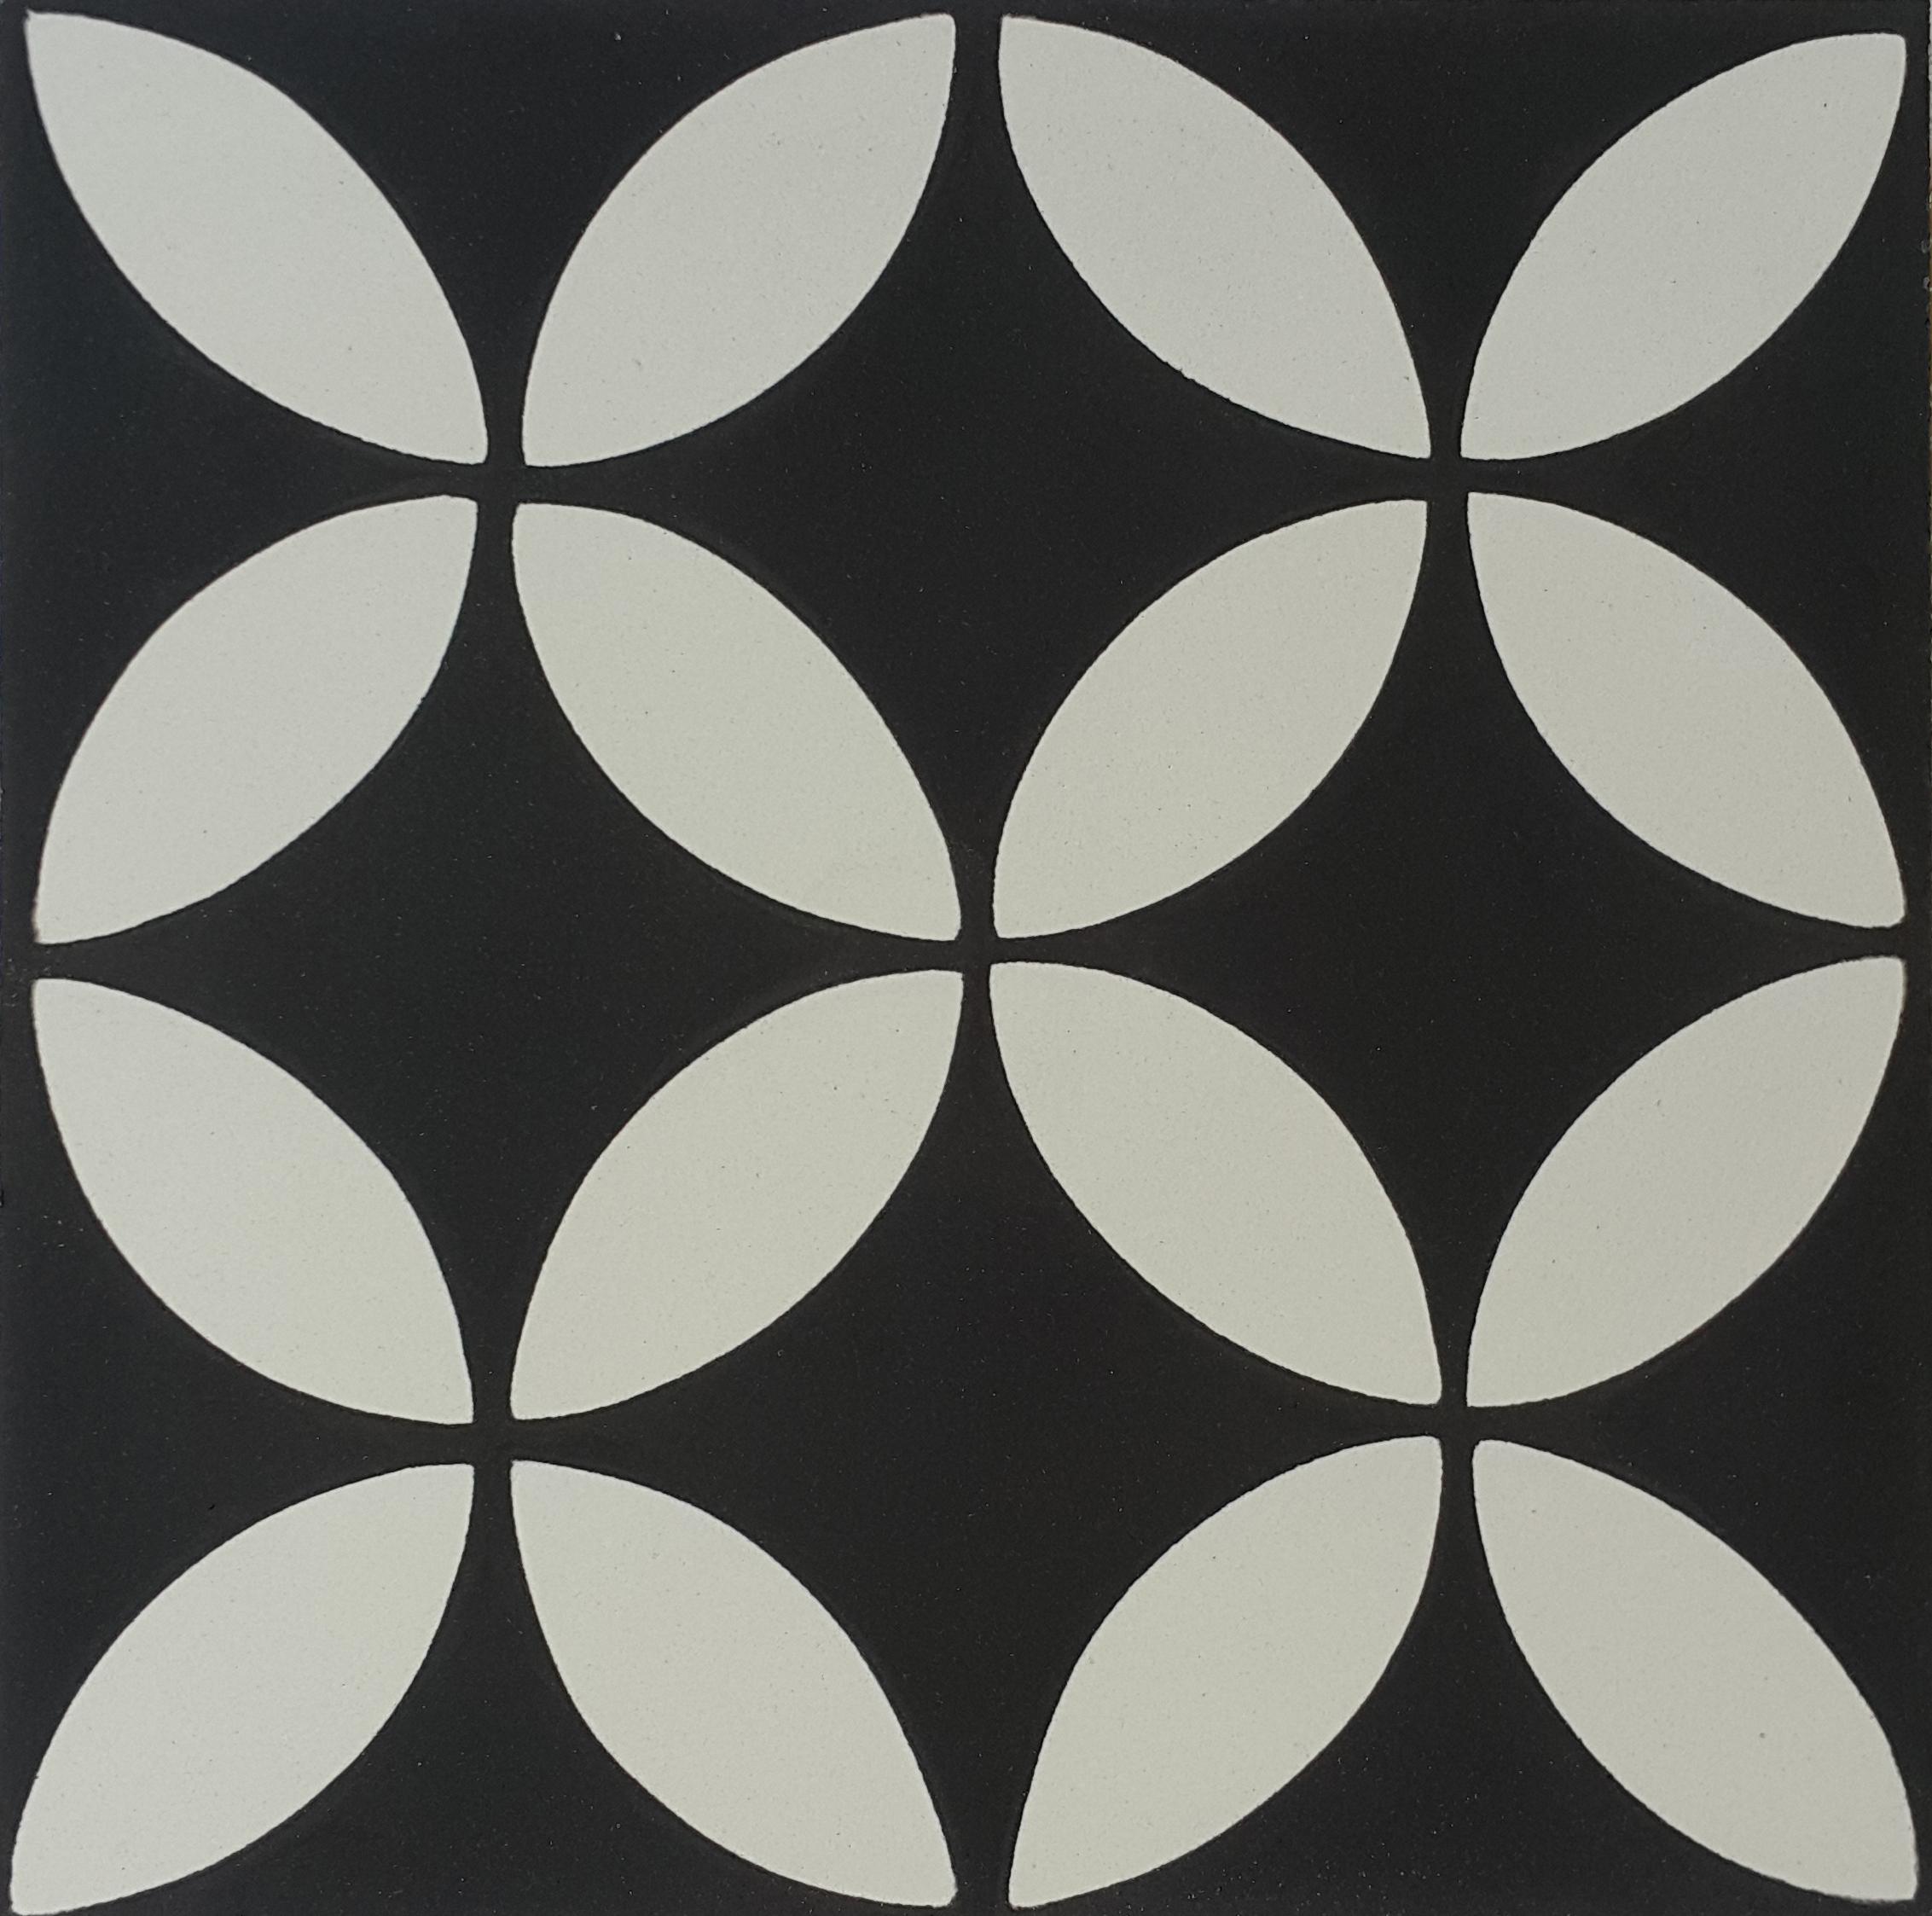 Black And White Encaustic Concrete Tile Floor Designs